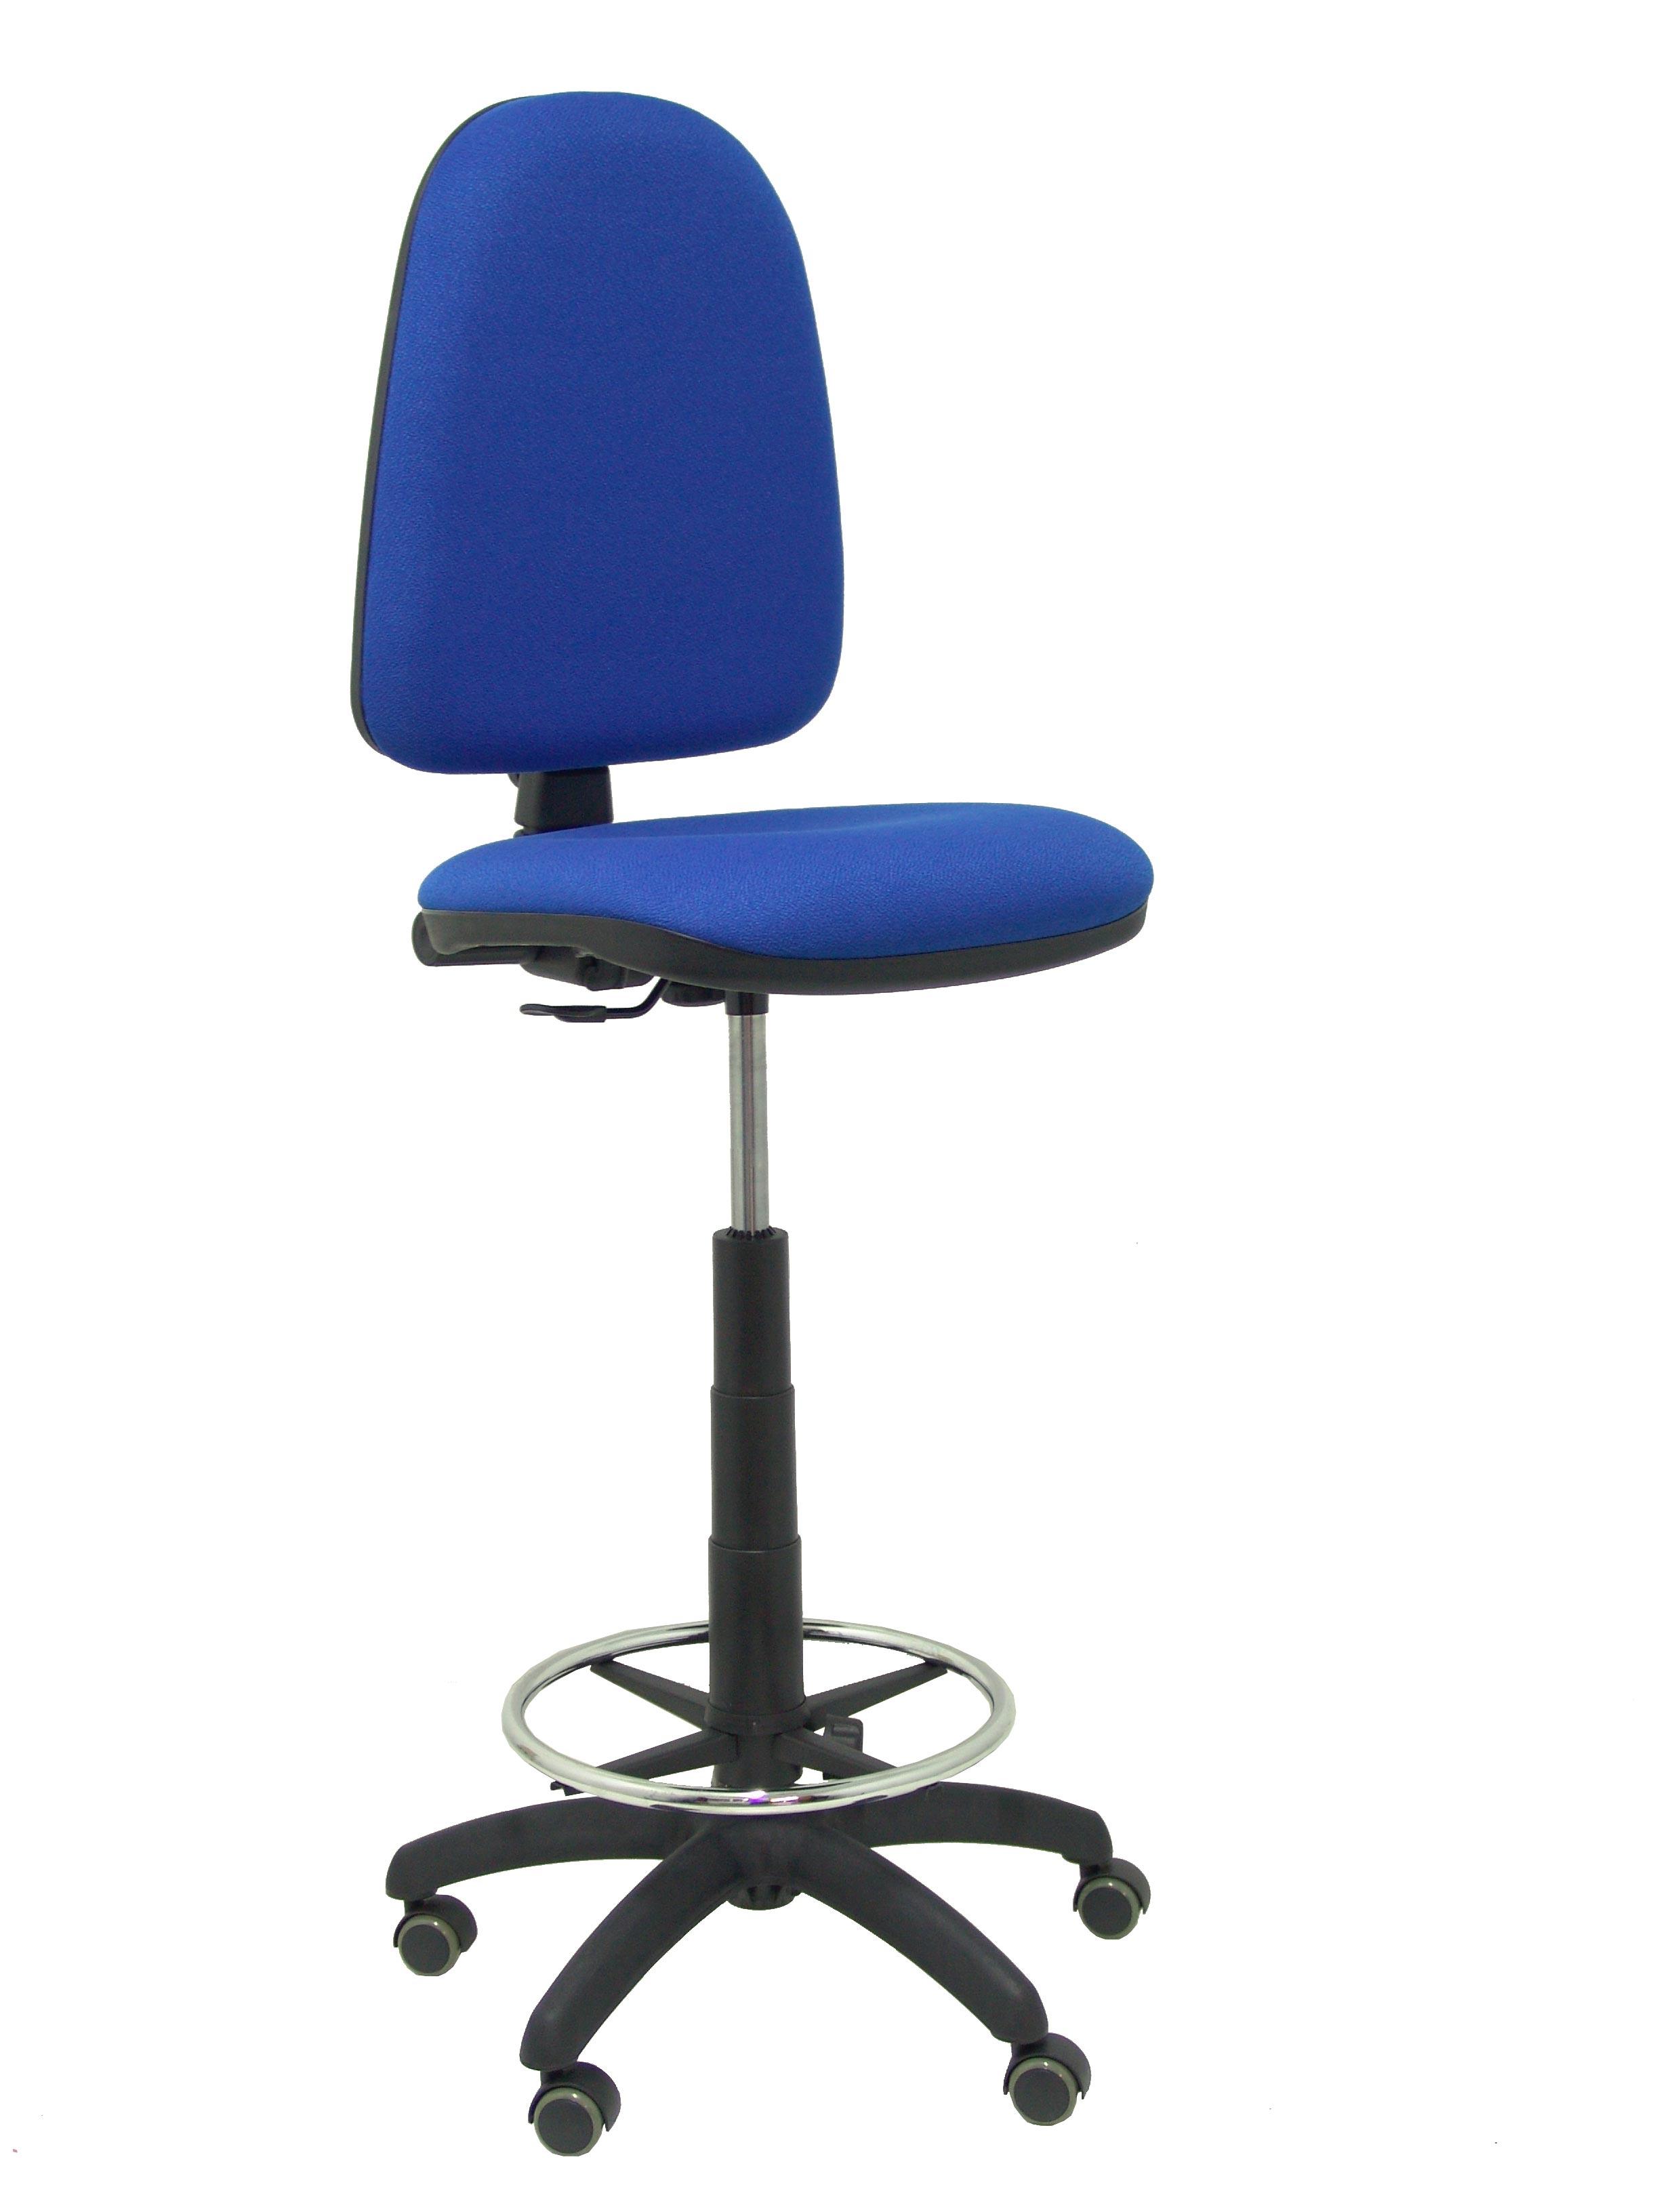 Taburete Ayna bali azul ruedas de parquet